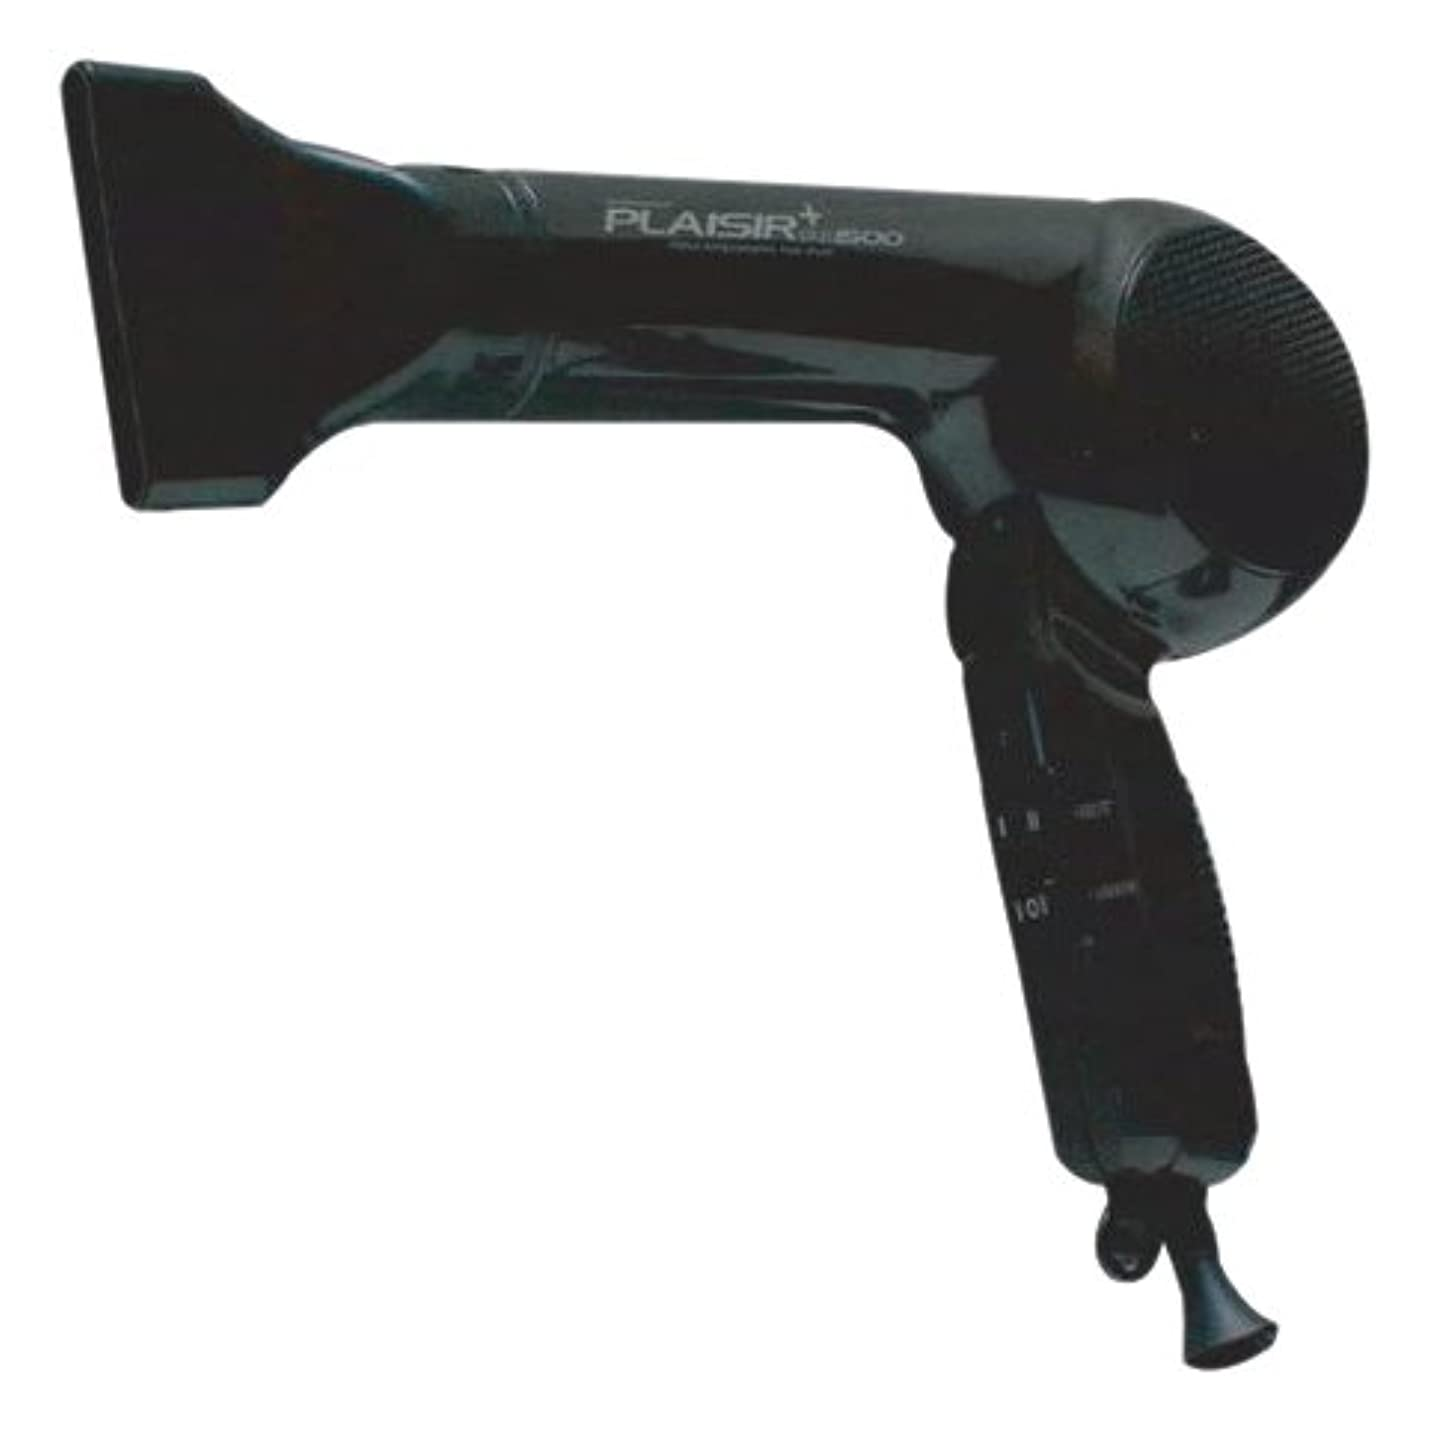 半島リル強制大阪ブラシ ヘアドライヤー プレジールプラス1500 ブラック FTC-1550